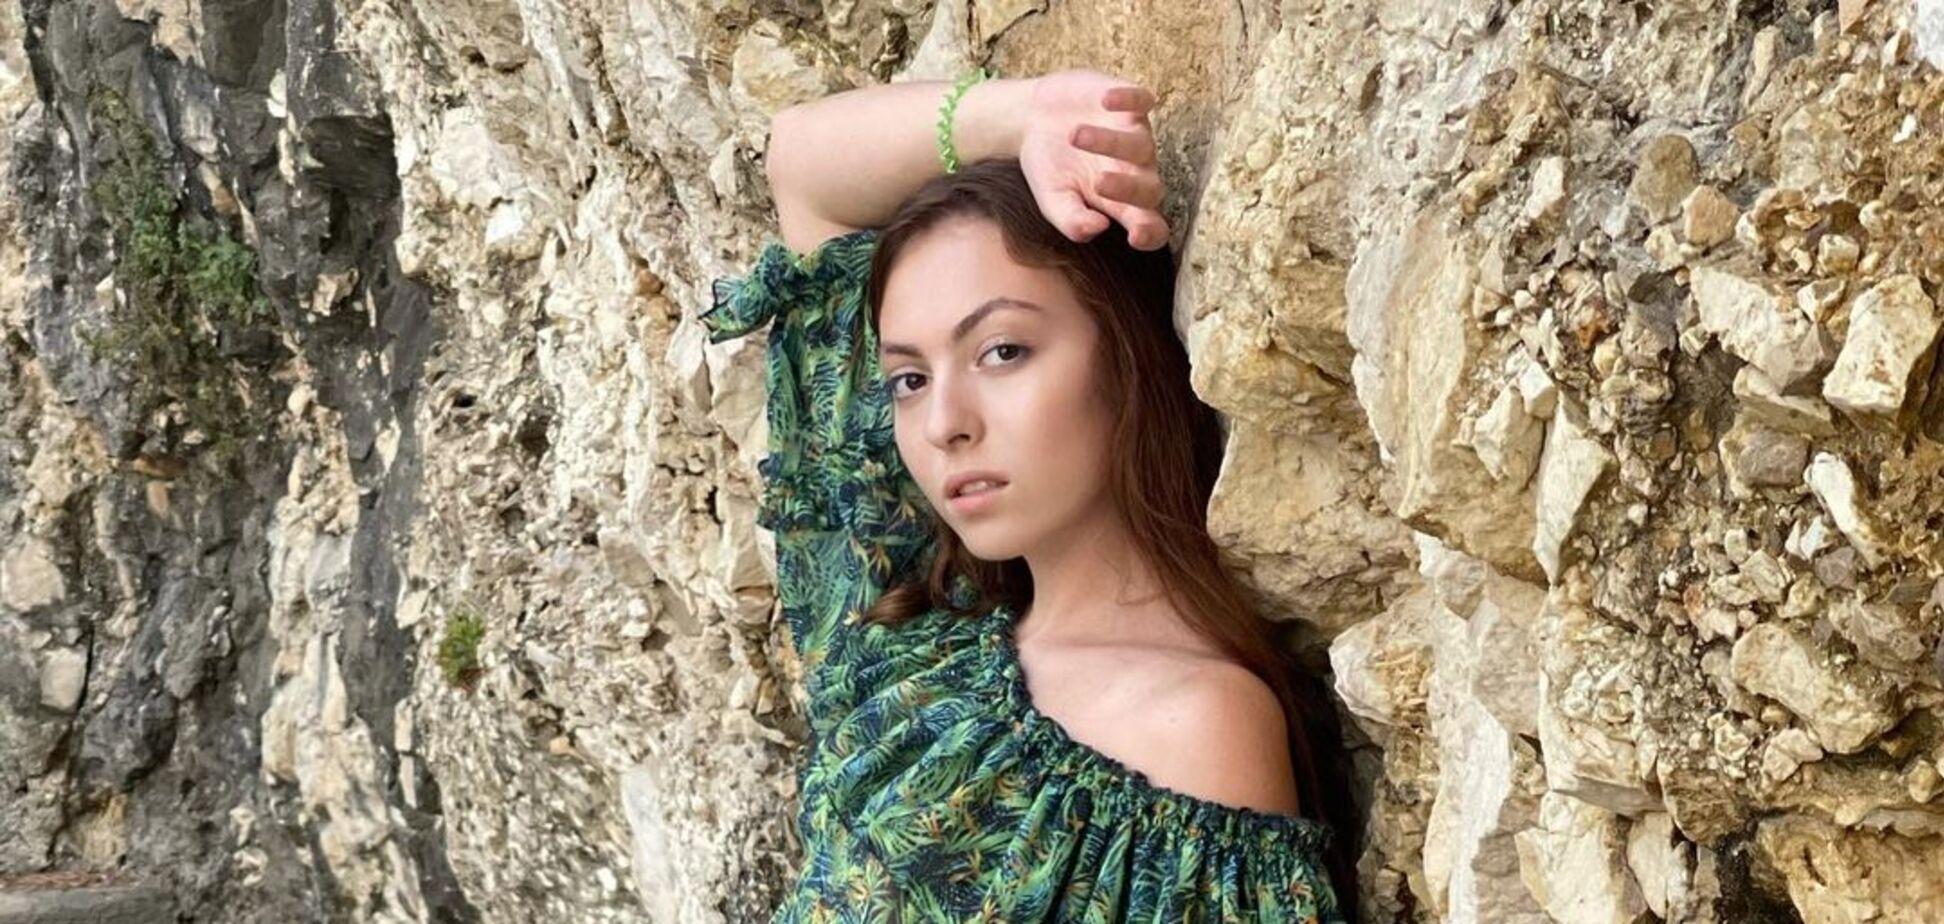 Маша Полякова в наряде без белья впечатлила сеть. Фото